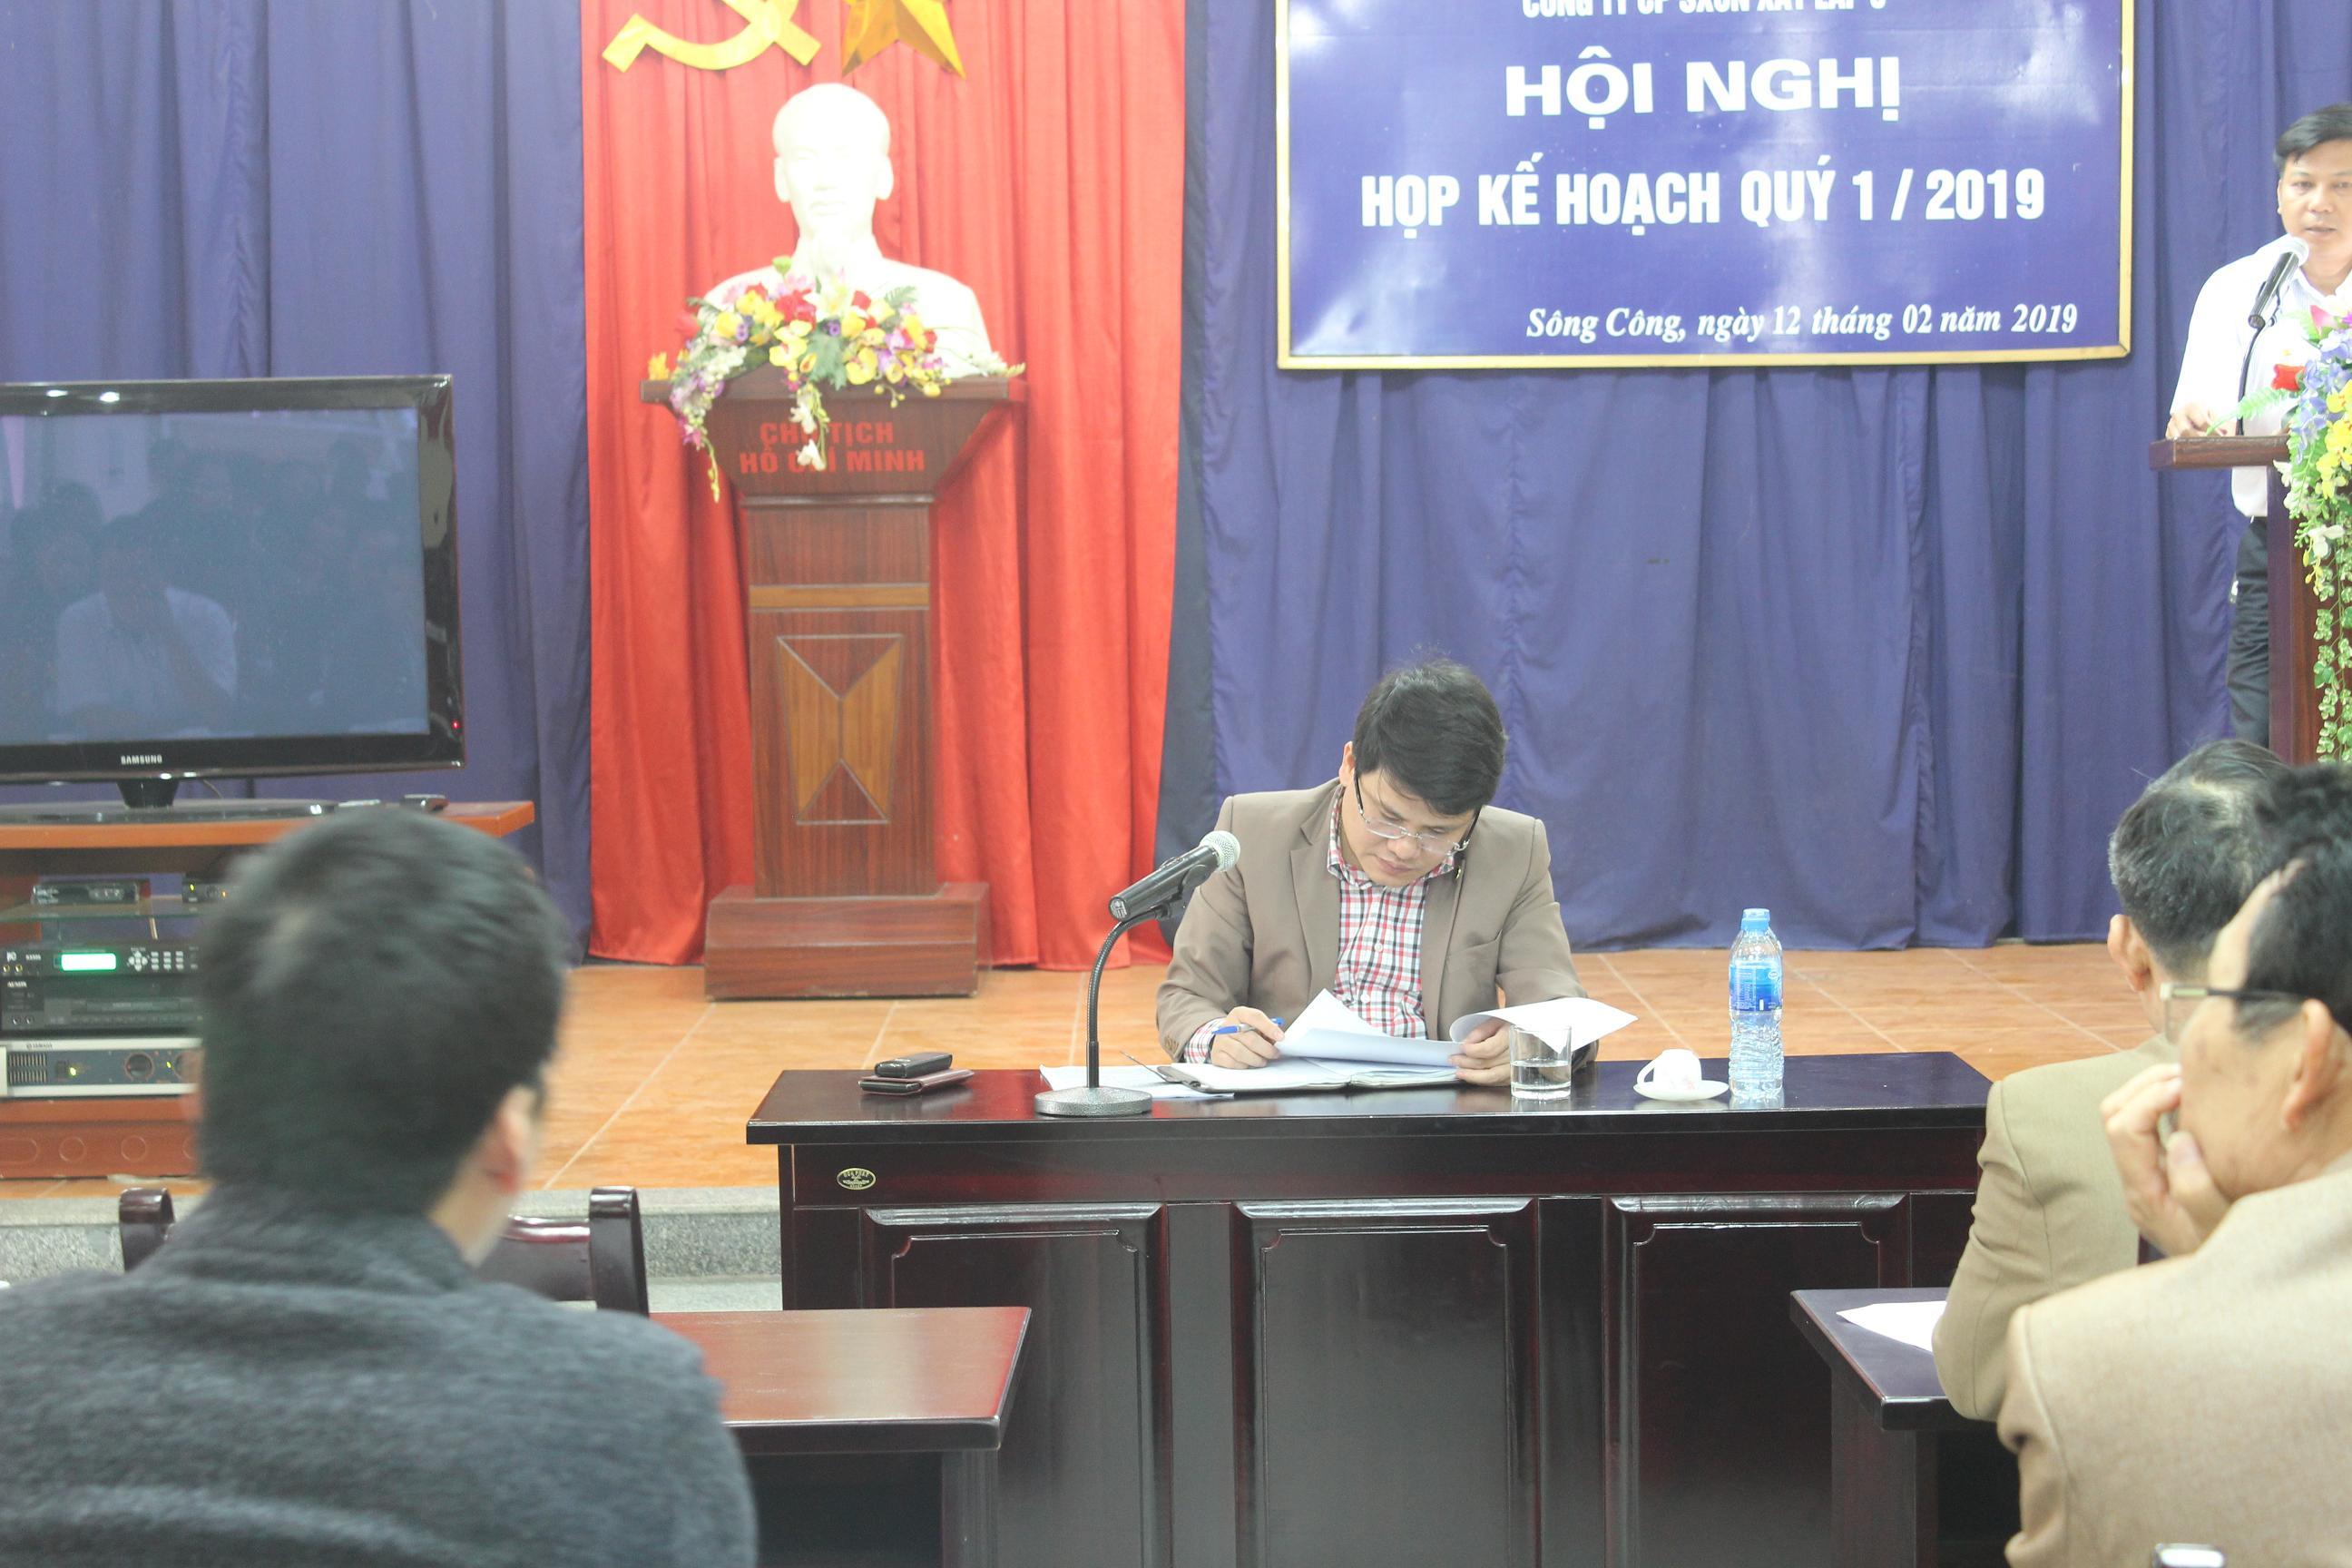 Hội nghị kế hoạch quý 1 năm 2019